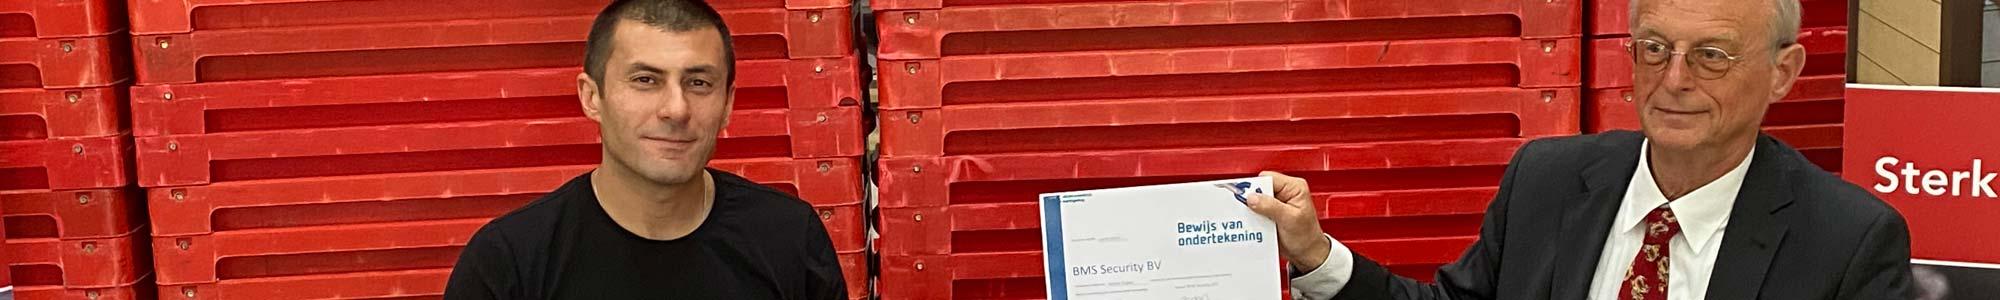 - Beveiligingsbedrijf BMS Security